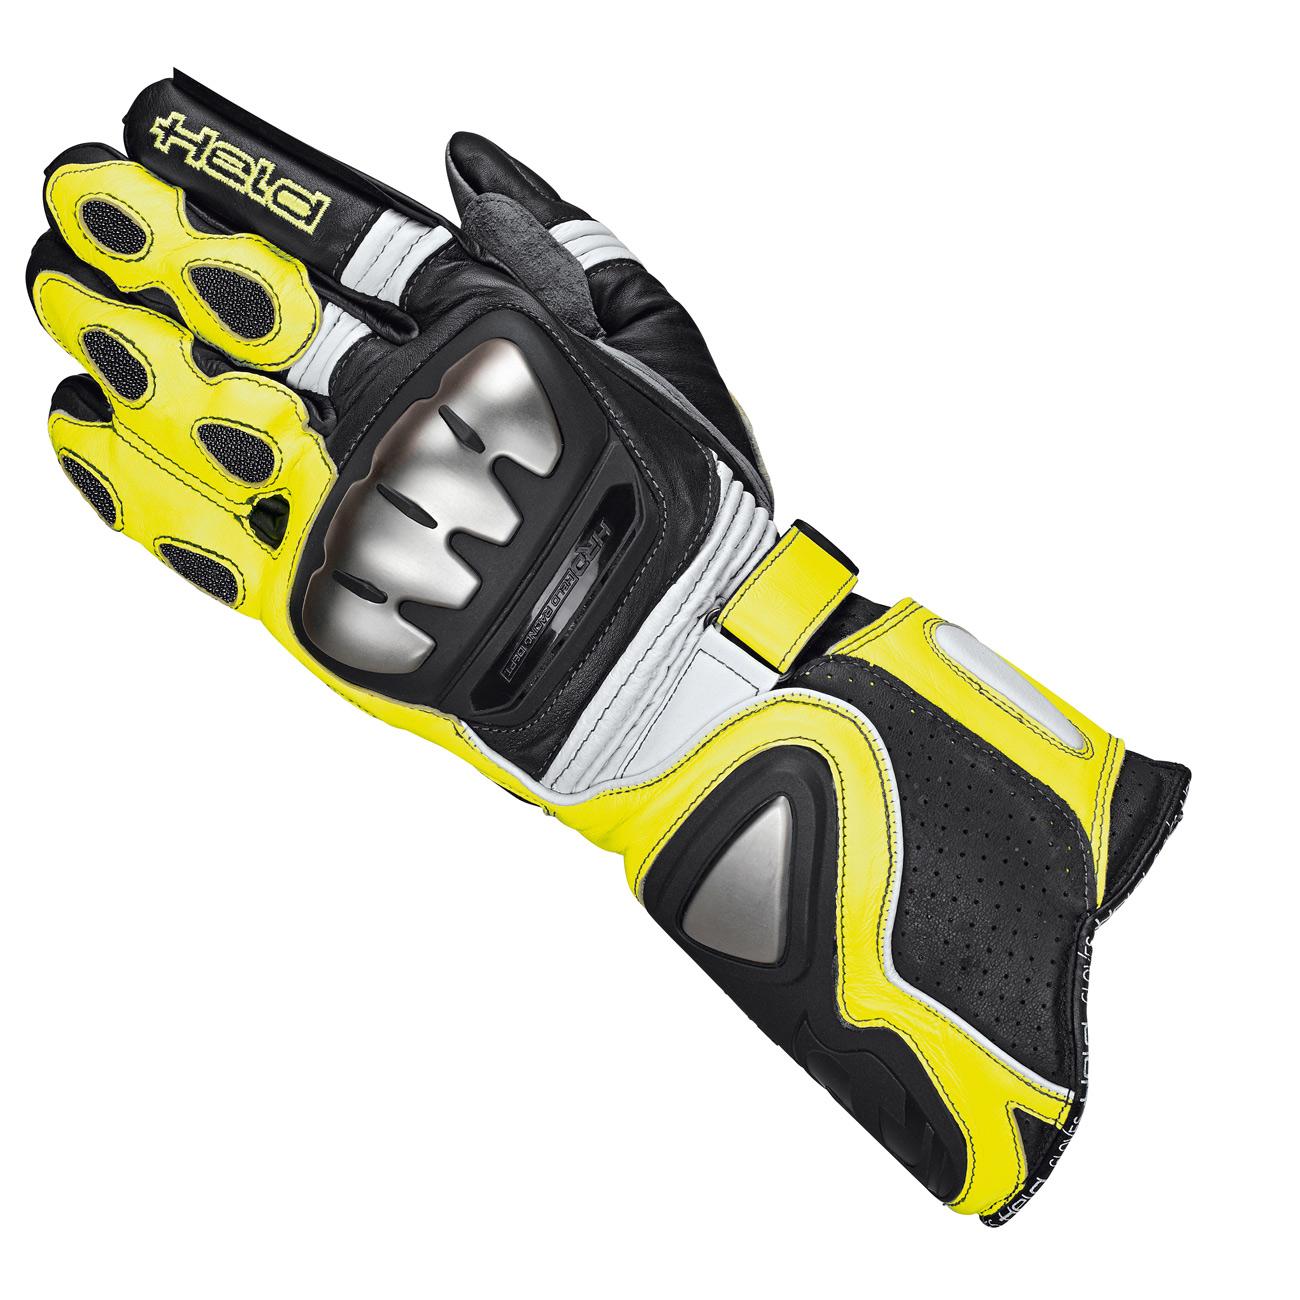 held guanti titan evo nero giallo fluo he 2512 058 guanti. Black Bedroom Furniture Sets. Home Design Ideas